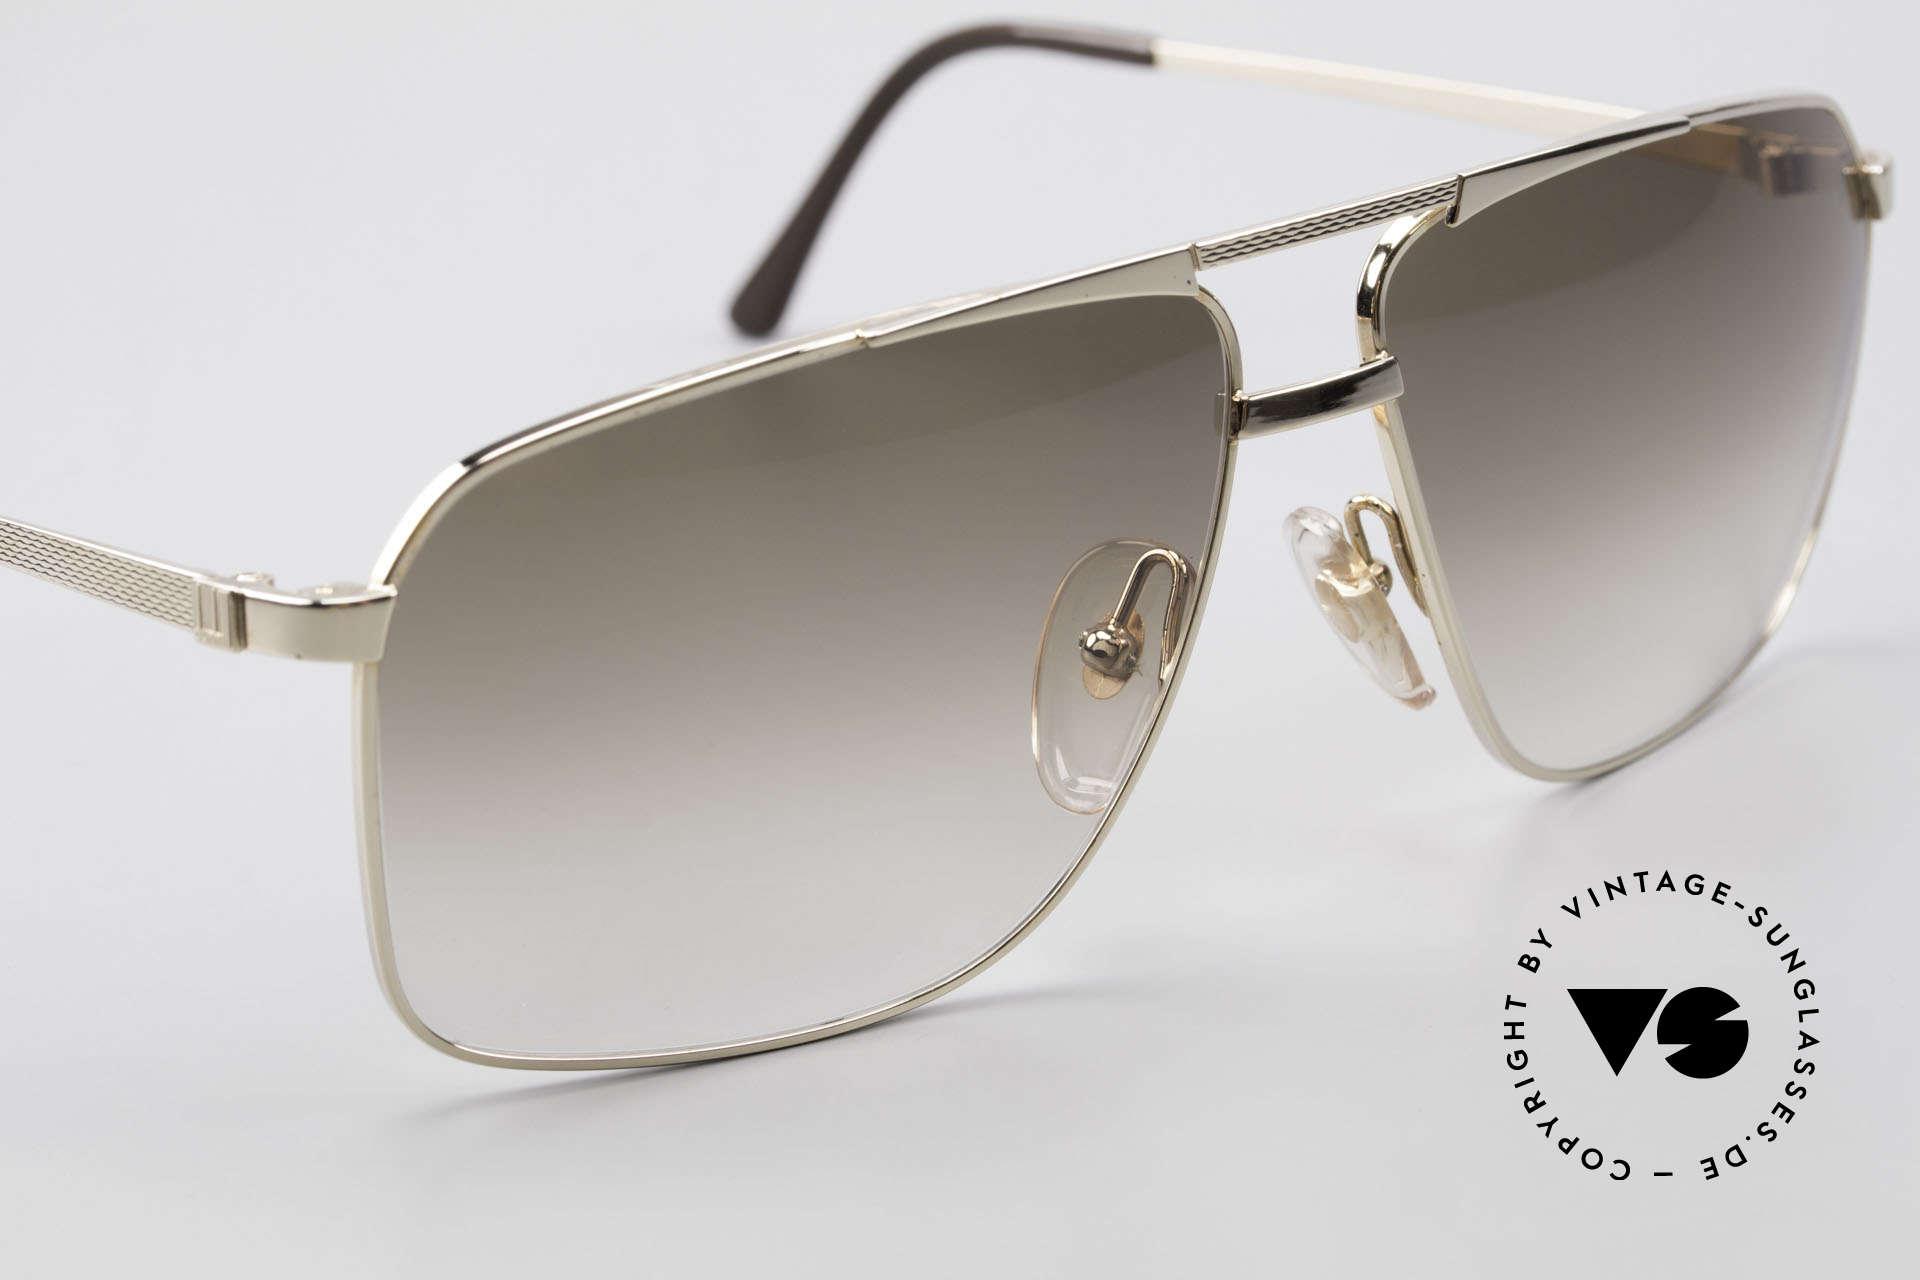 Dunhill 6126 Vergoldete 90er Herrenbrille, ungetragene Rarität (für alle Liebhaber von Qualität), Passend für Herren